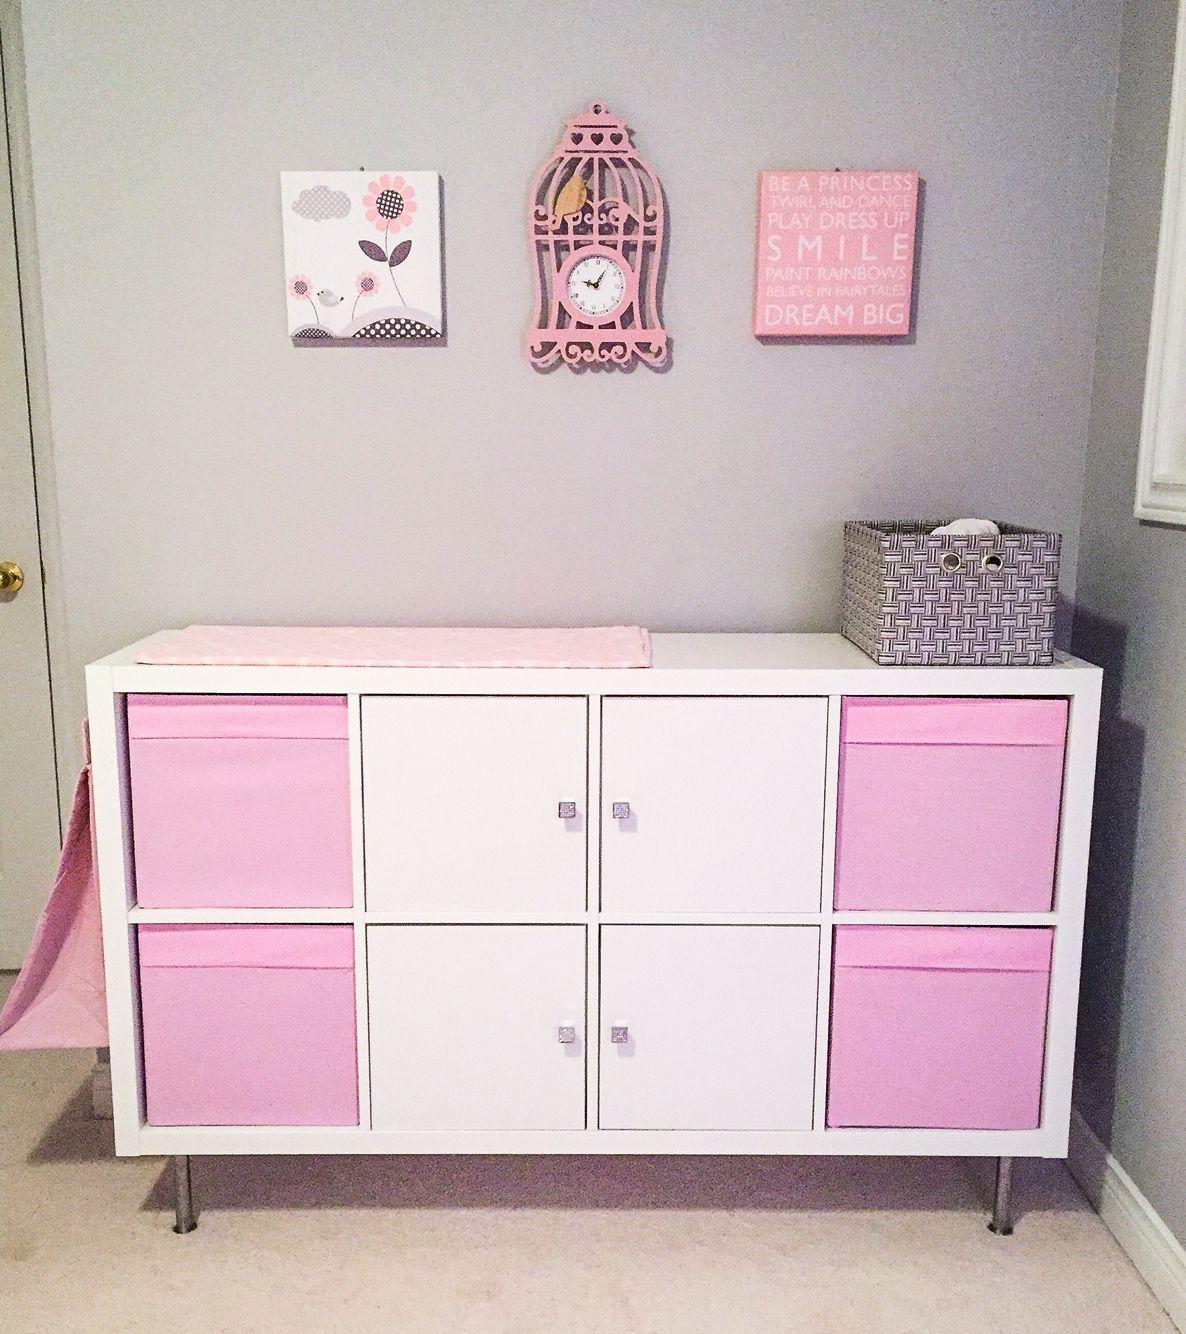 Baby Change Table Ikea Hack Kallax Shelf Joseph In 2019 Ikea